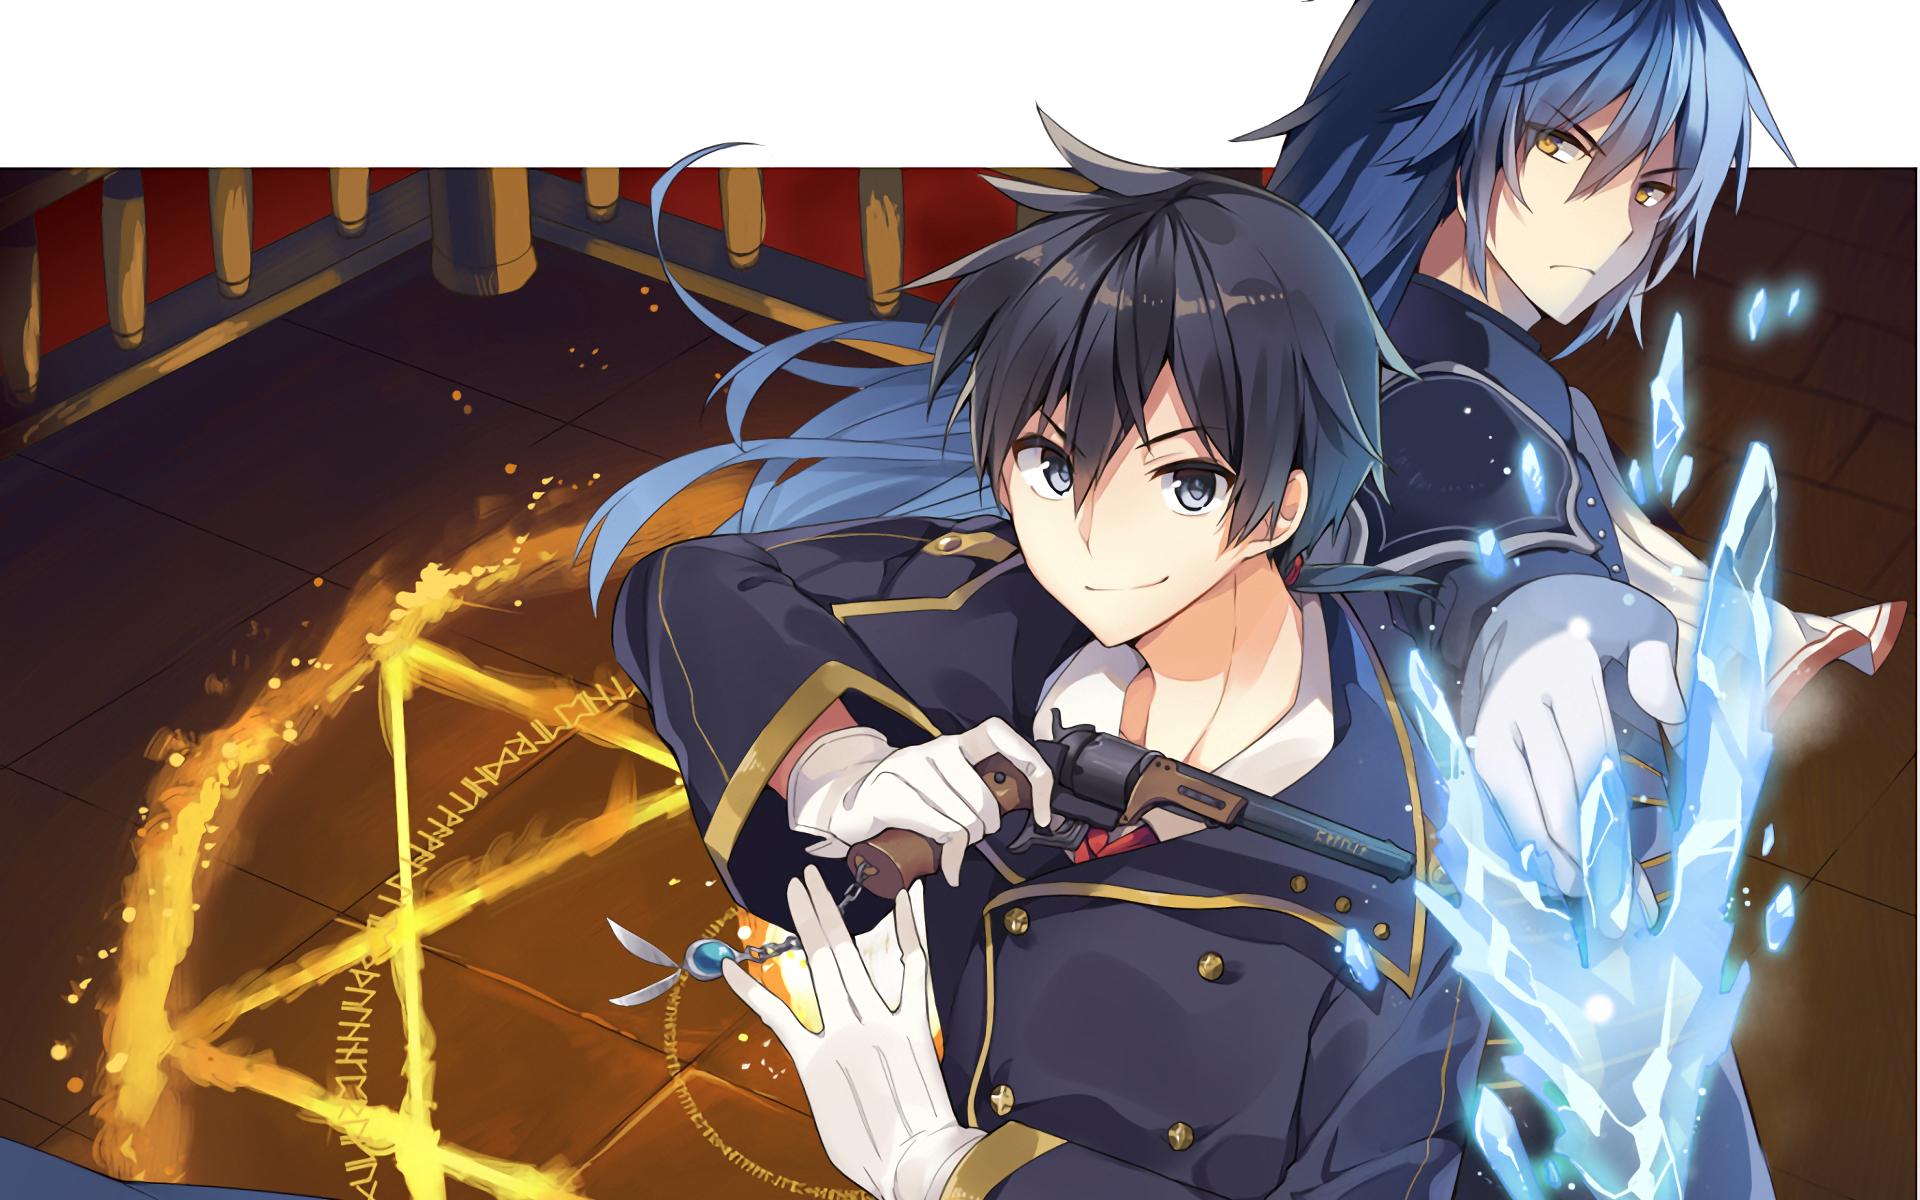 Image Result For Download Wallpaper Anime Rokudenashi